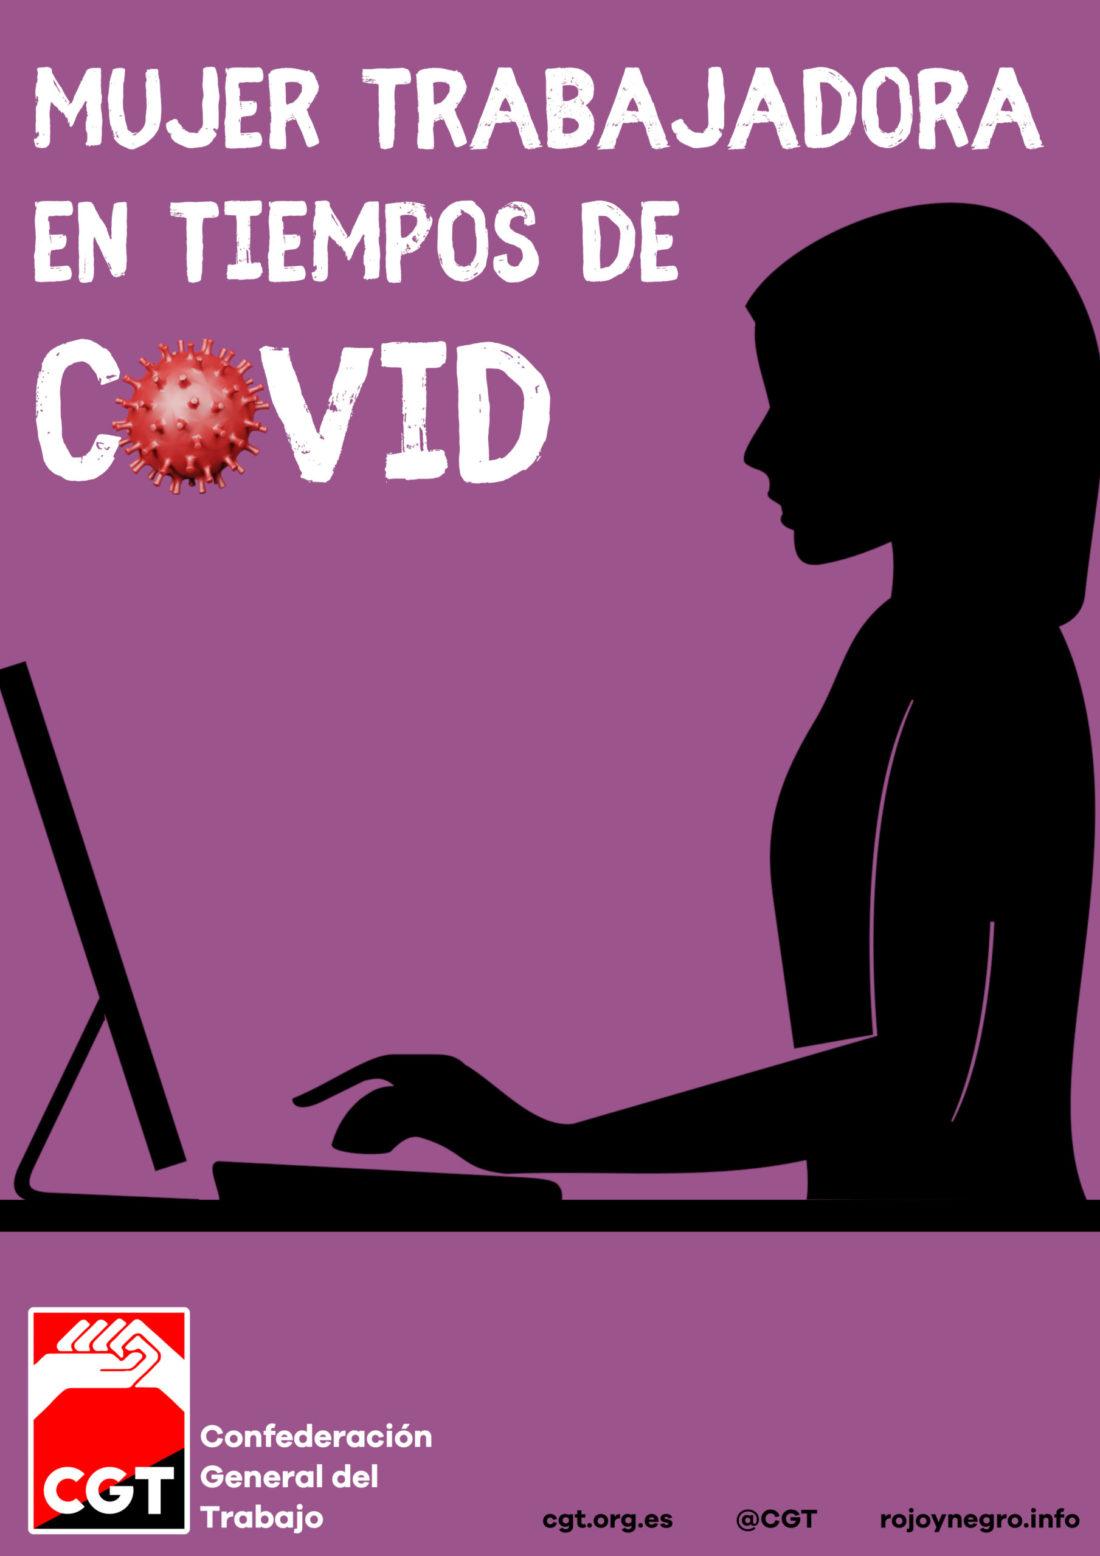 Guía: Mujer trabajadora en tiempos de Covid